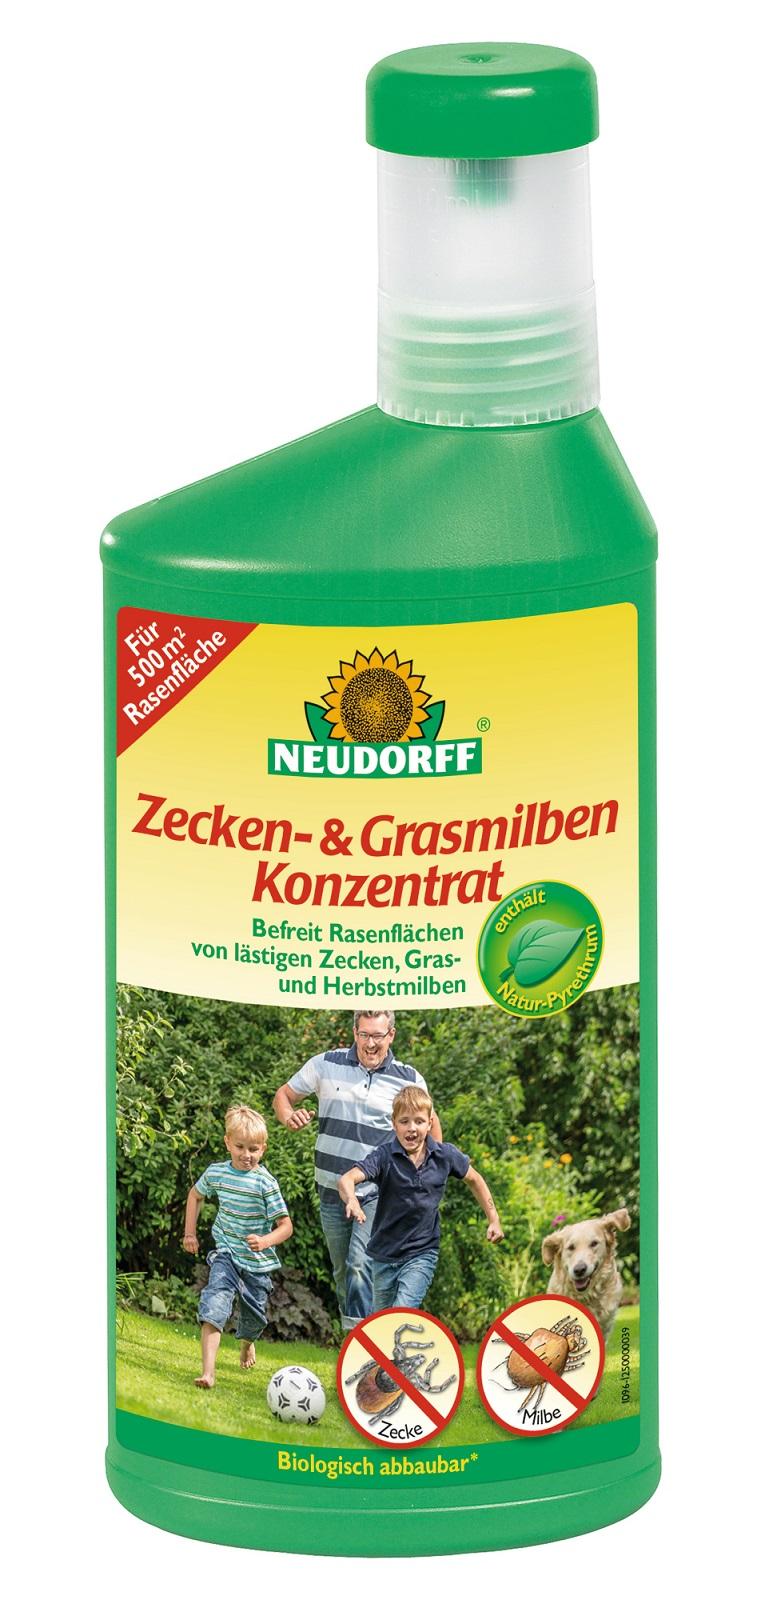 Neudorff Zecken und Grasmilben Konzentrat 500 ml